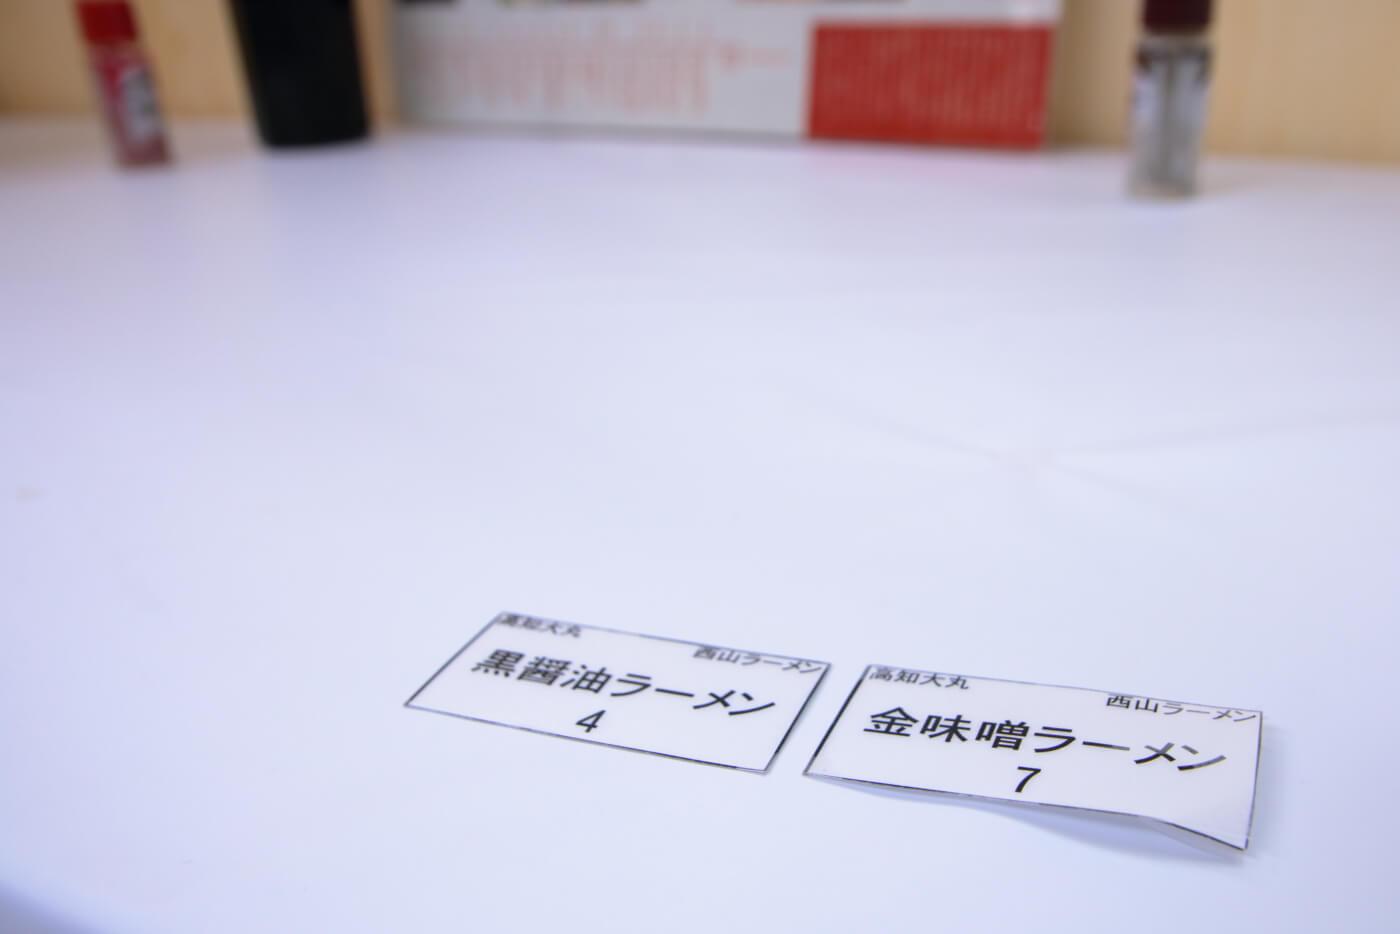 高知大丸 秋の北海道物産展2019 西山ラーメン イートインコーナー